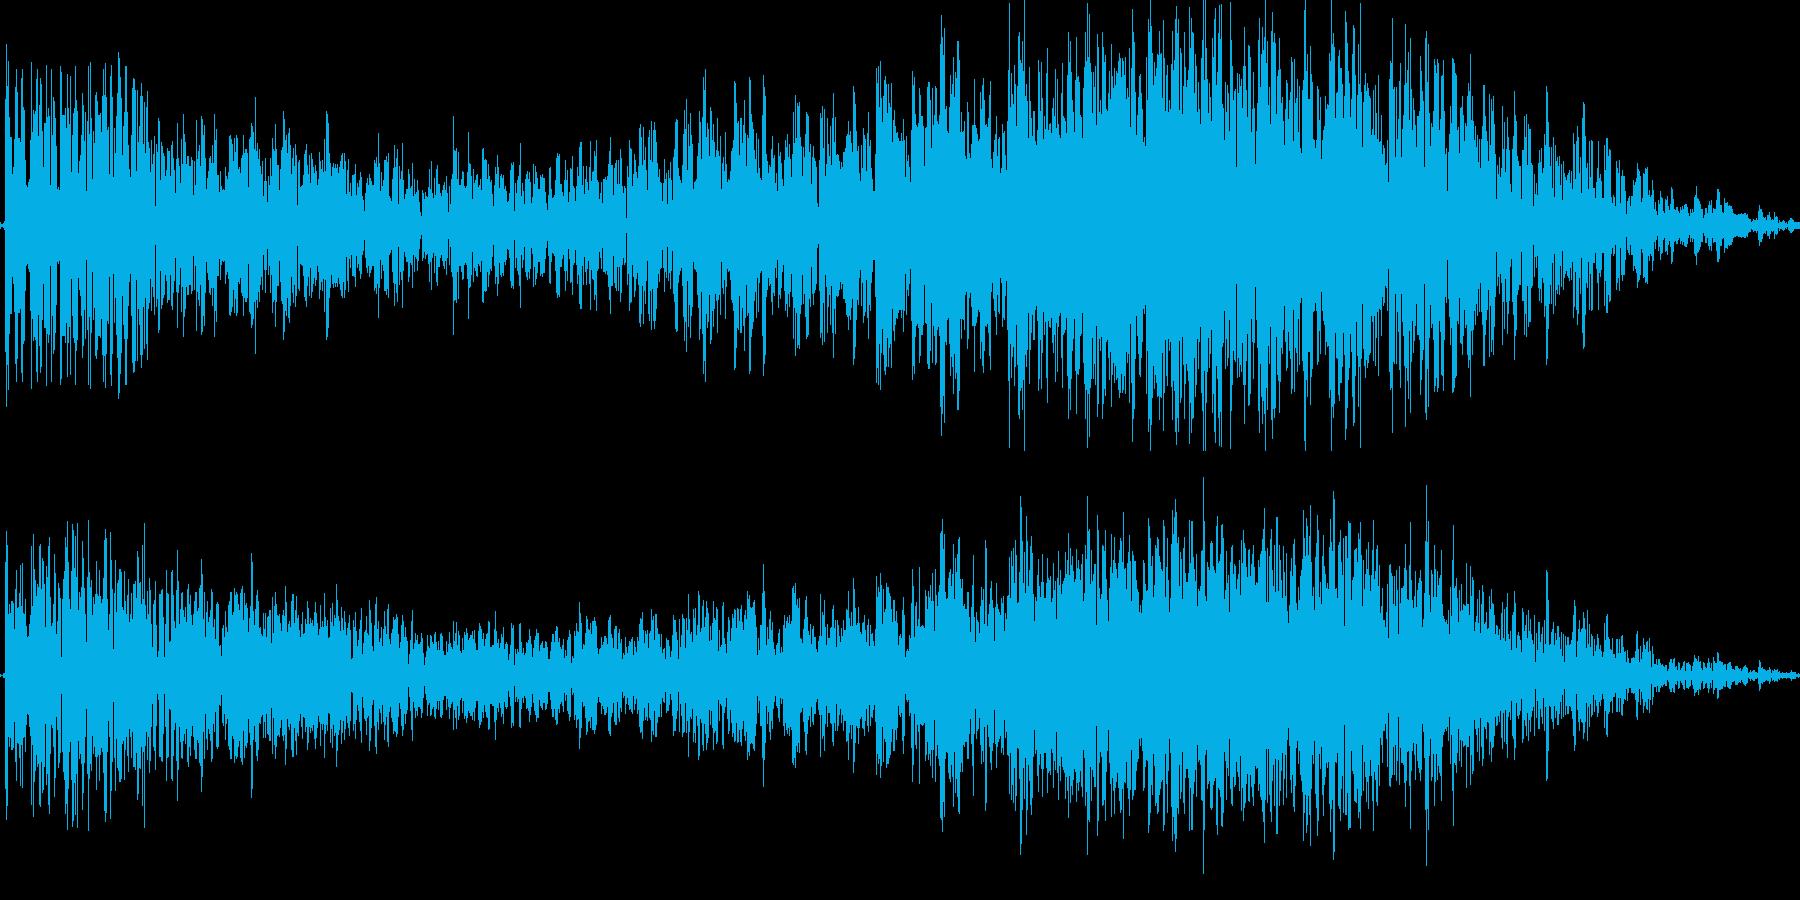 ヒュードロドロの再生済みの波形